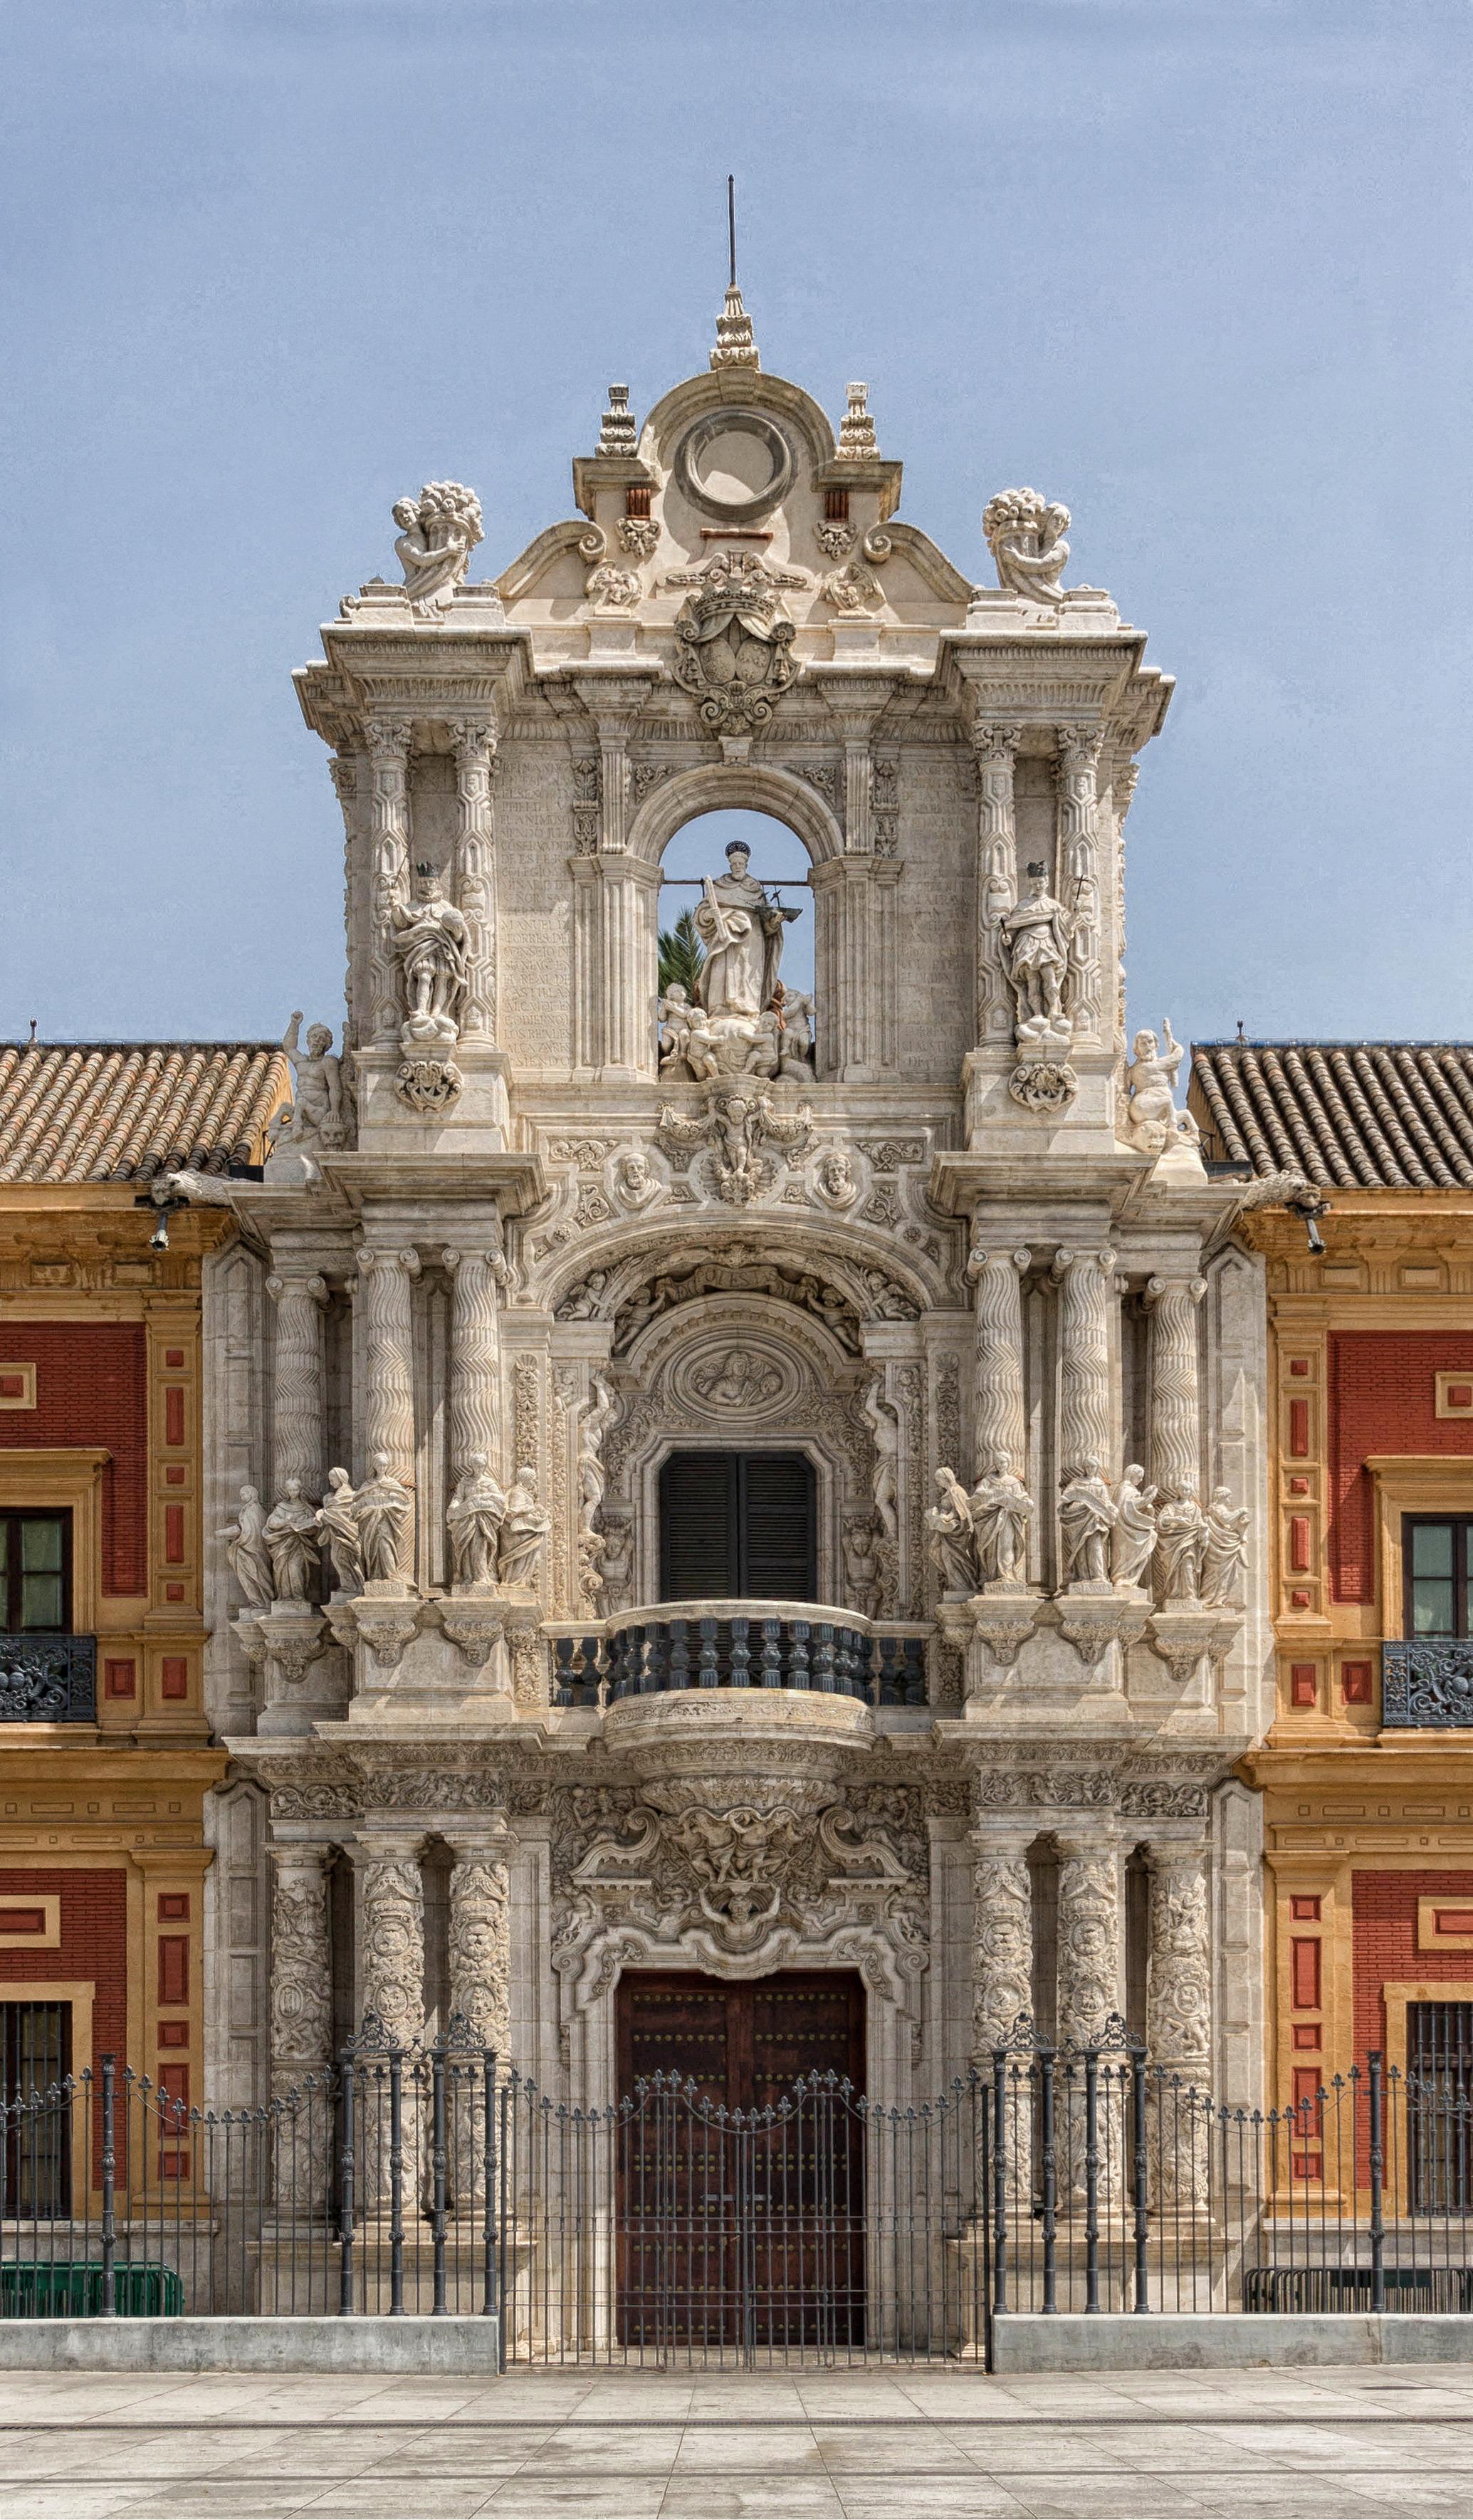 Immagini belle costruzione palazzo citt monumento for Architettura classica